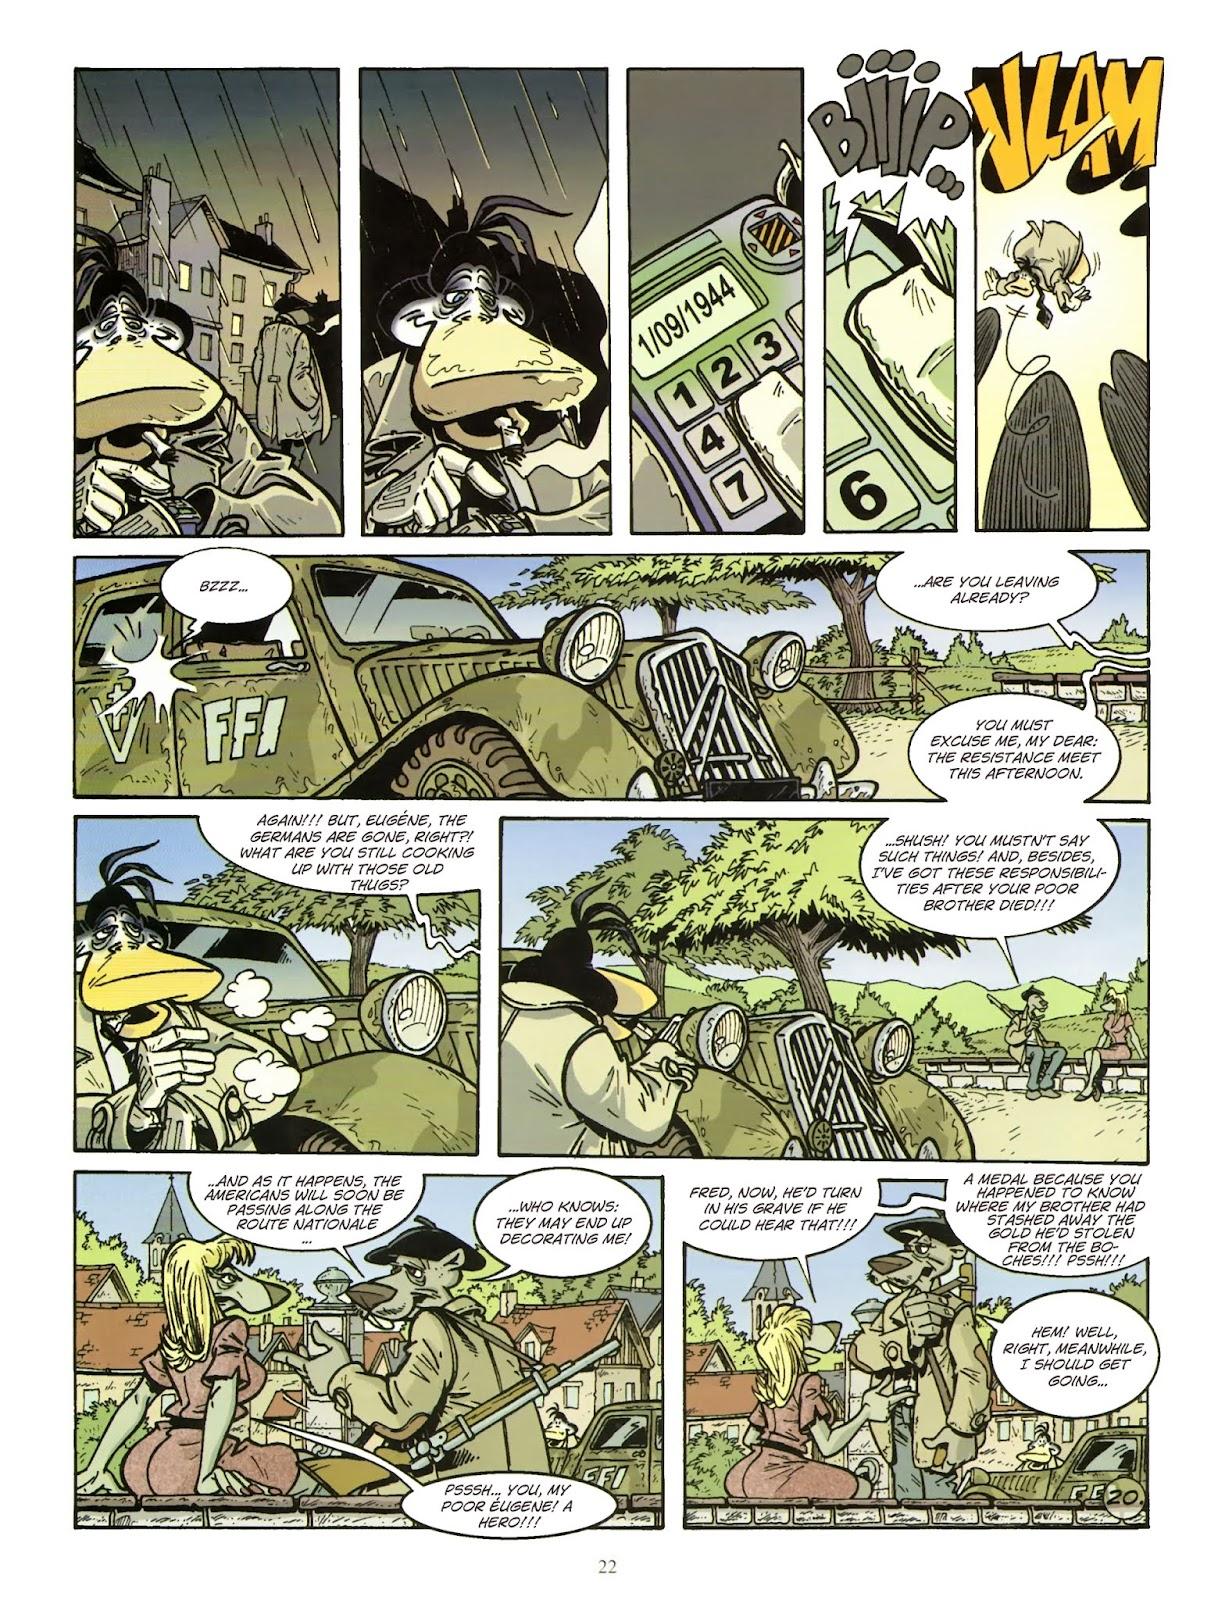 Une enquête de l'inspecteur Canardo issue 11 - Page 23